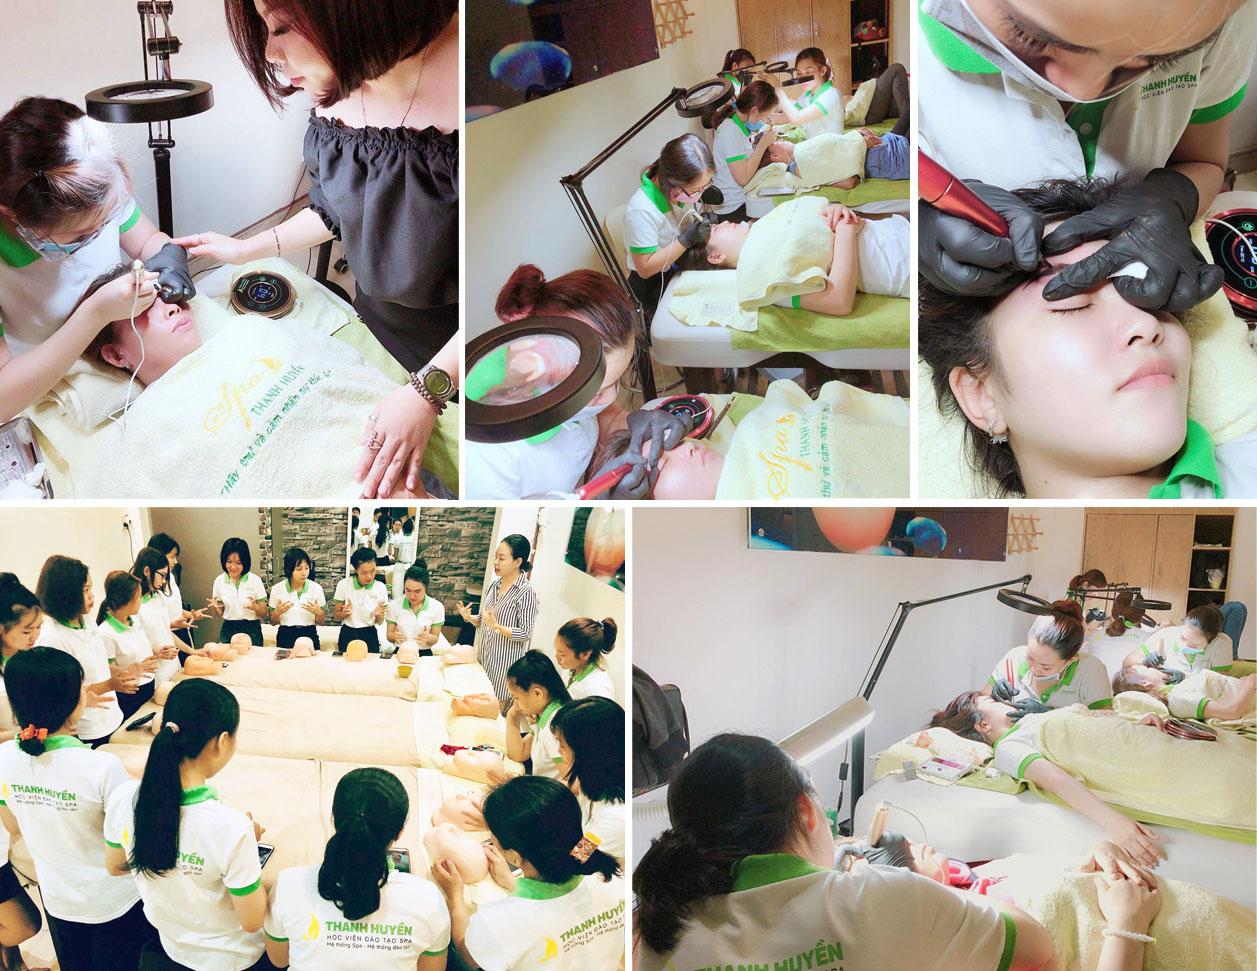 Học viên đào tạo thẩm mỹ Thanh Huyền. Với hơn 10 năm kinh nghiệm trong ngành thẩm mỹ và đào tạo. luôn đi đầu trong việc cập nhật những kỹ thuật công ...